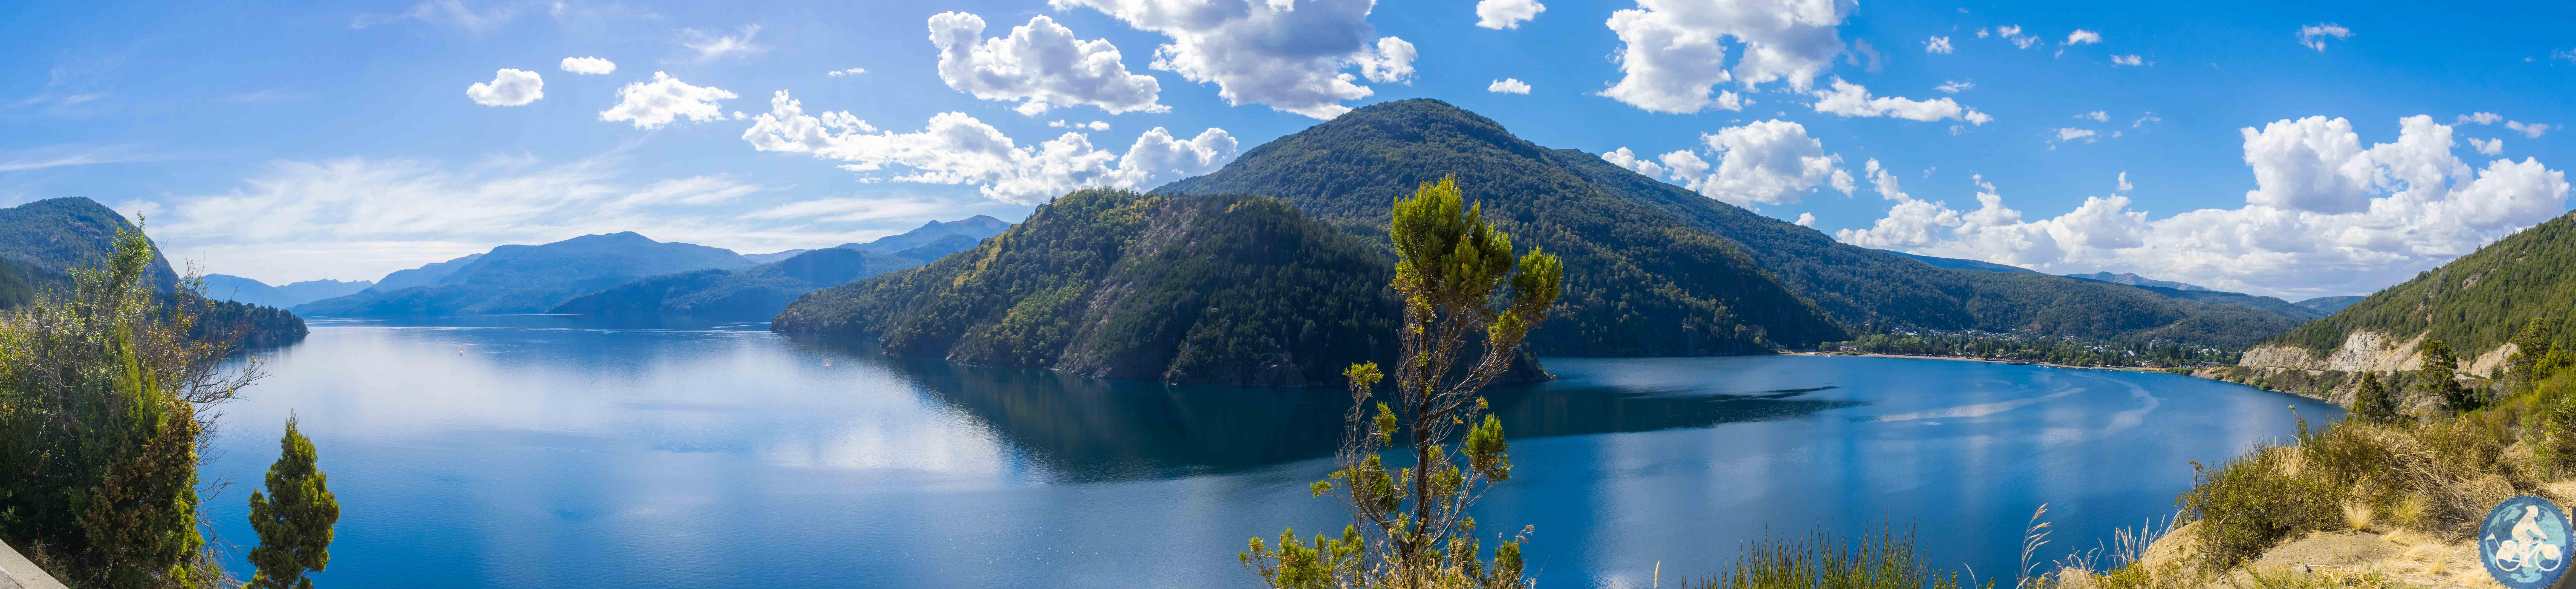 Ruta de los 7 lagos